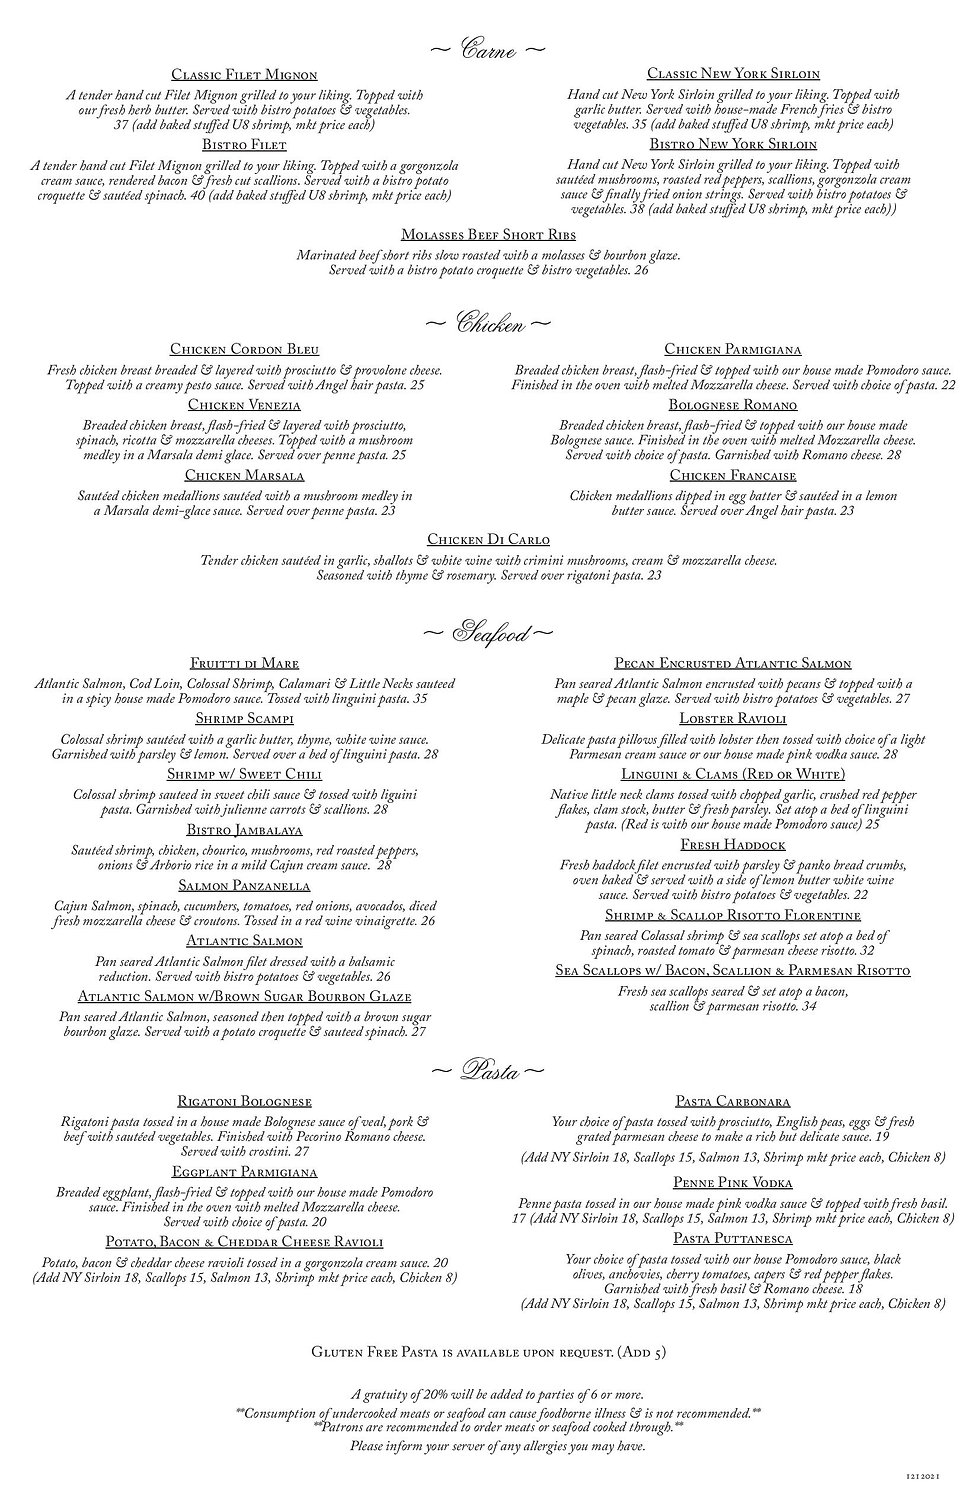 Dinner Menu Page 2.jpg